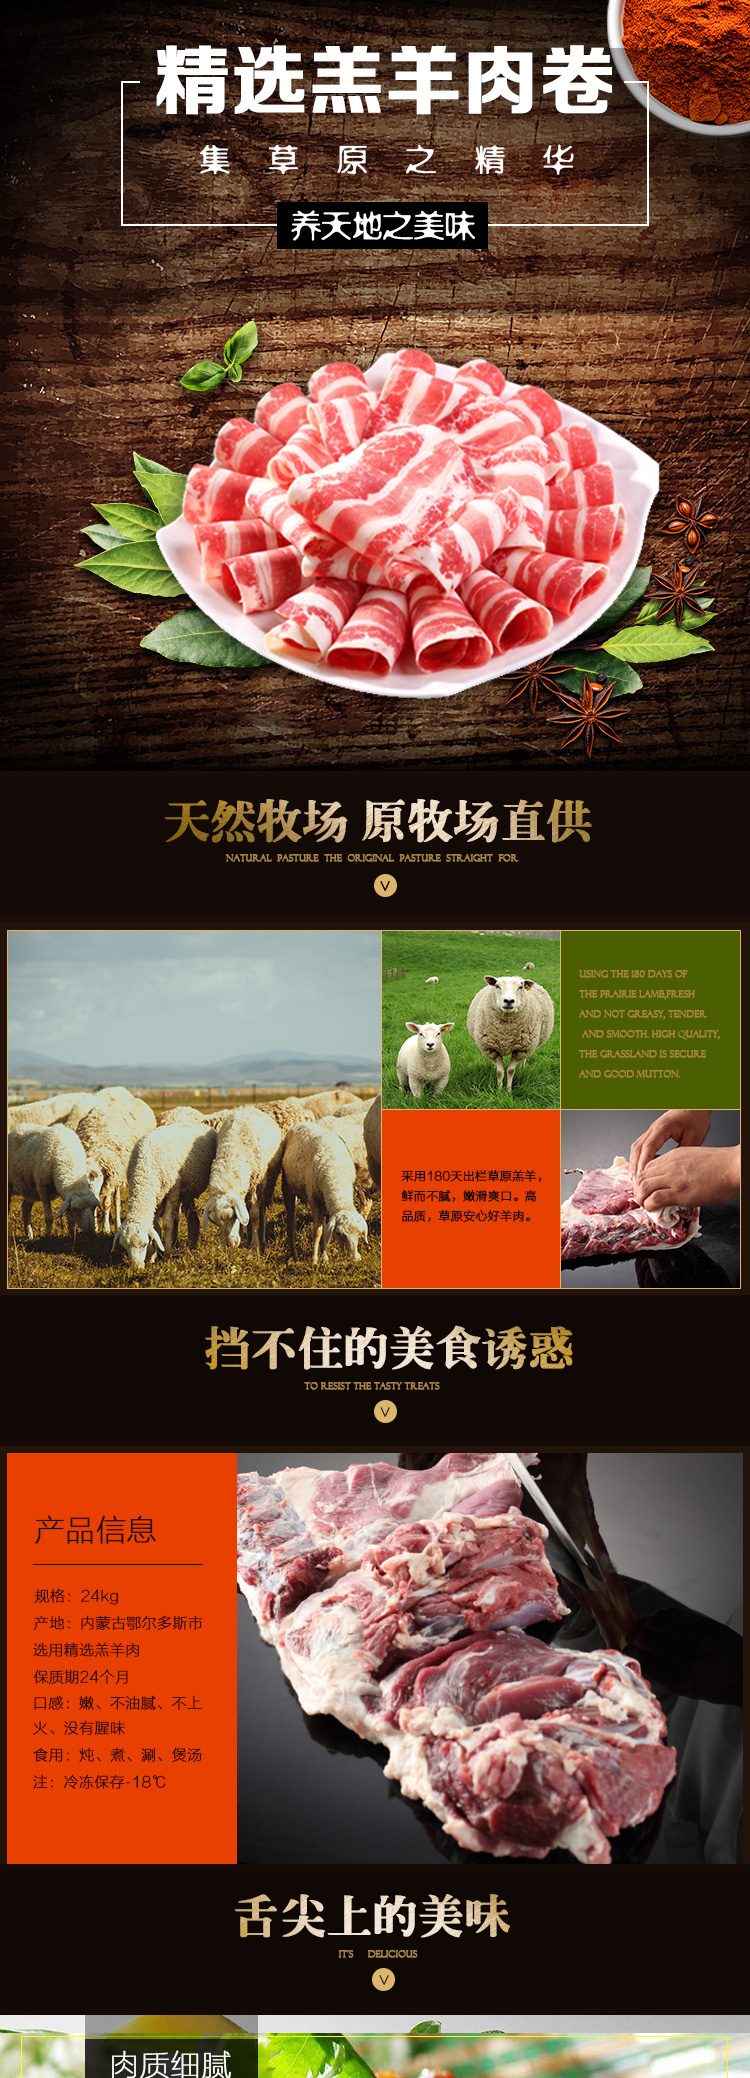 【厂家直销 内蒙古羊肉 鄂尔多斯 蒙祥 精选 羔羊